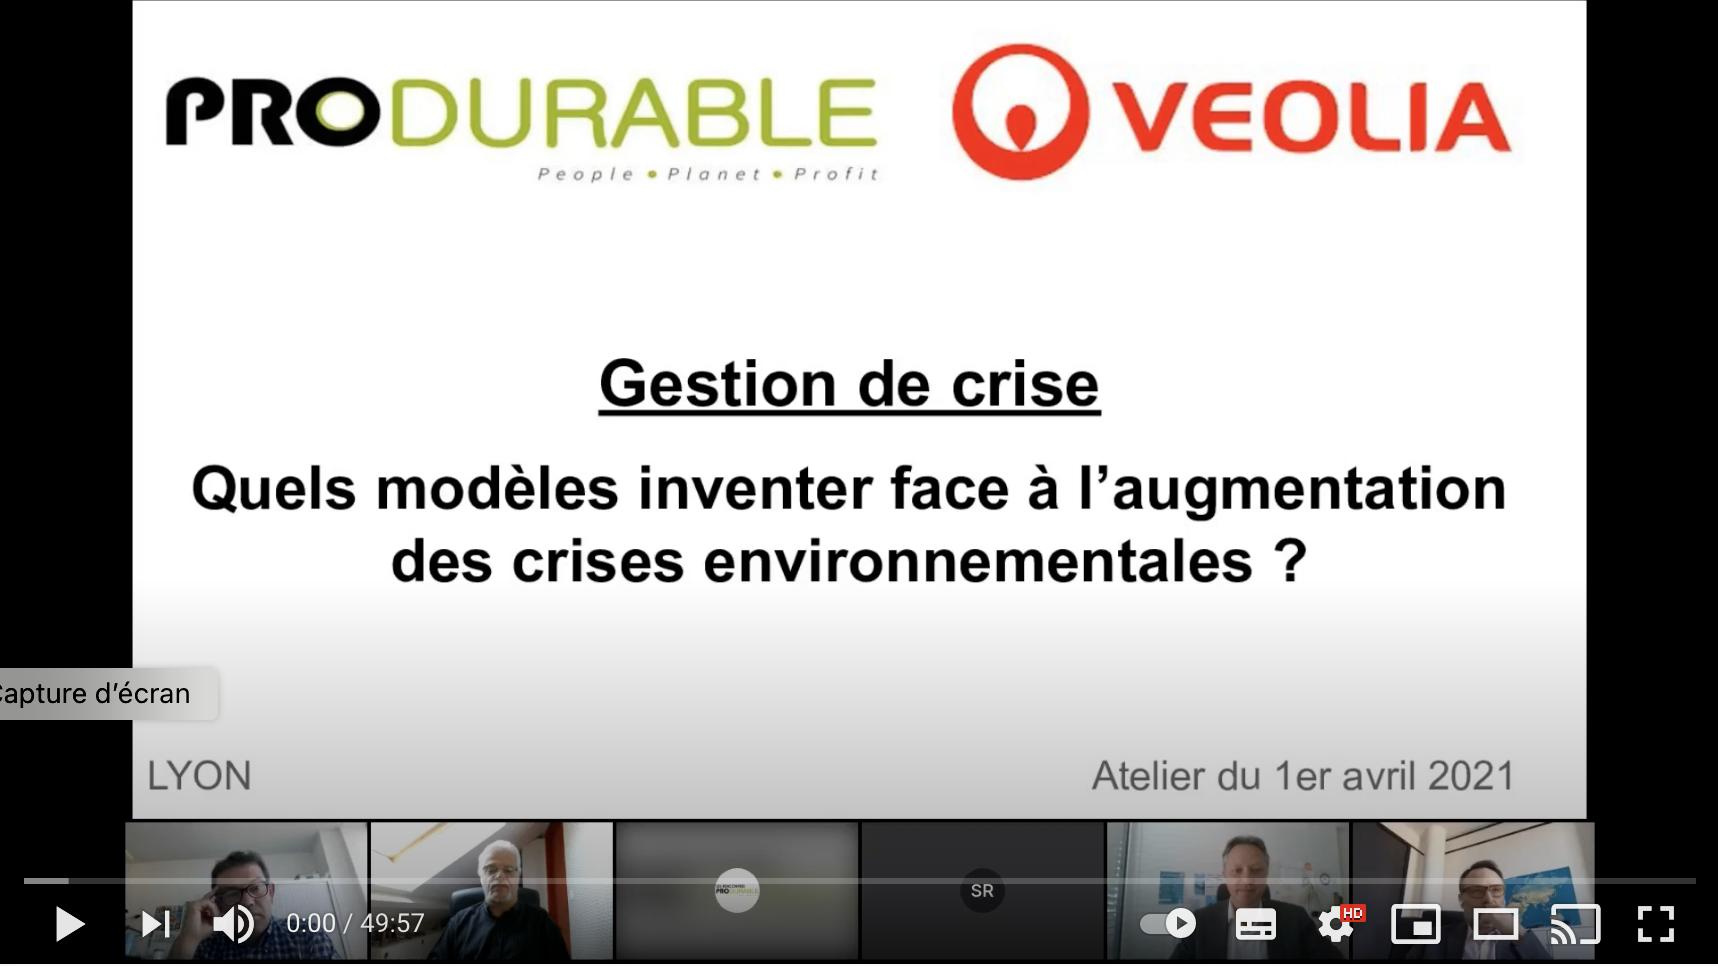 Gestion de crise environnementale : un webinaire avec Veolia sur la manière d'agir